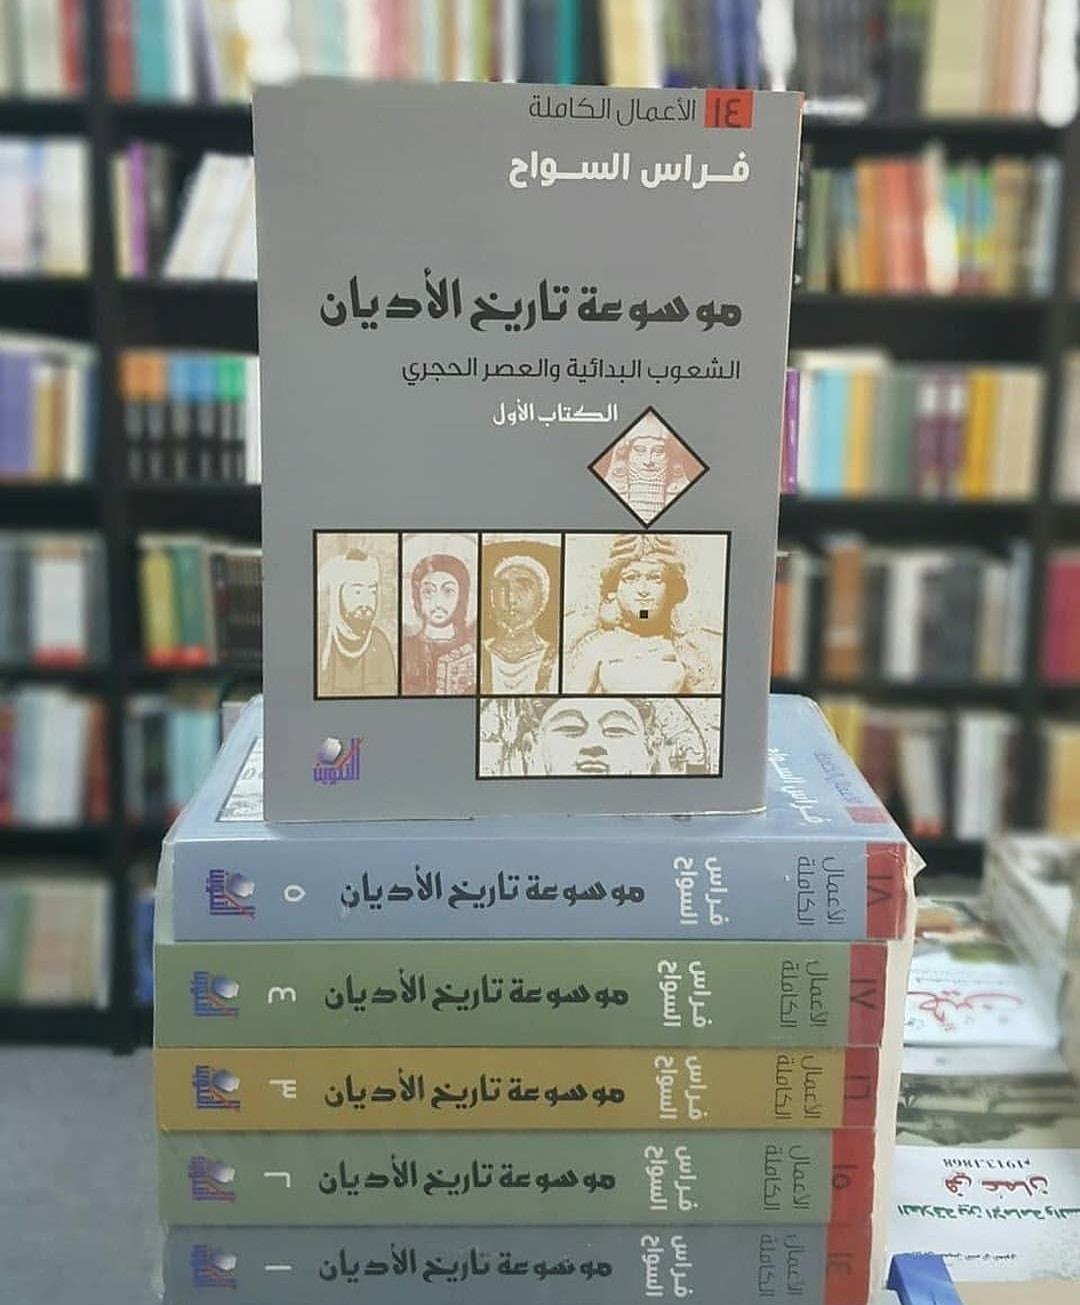 موسوعة تاريخ الأديان (5 أجزاء)